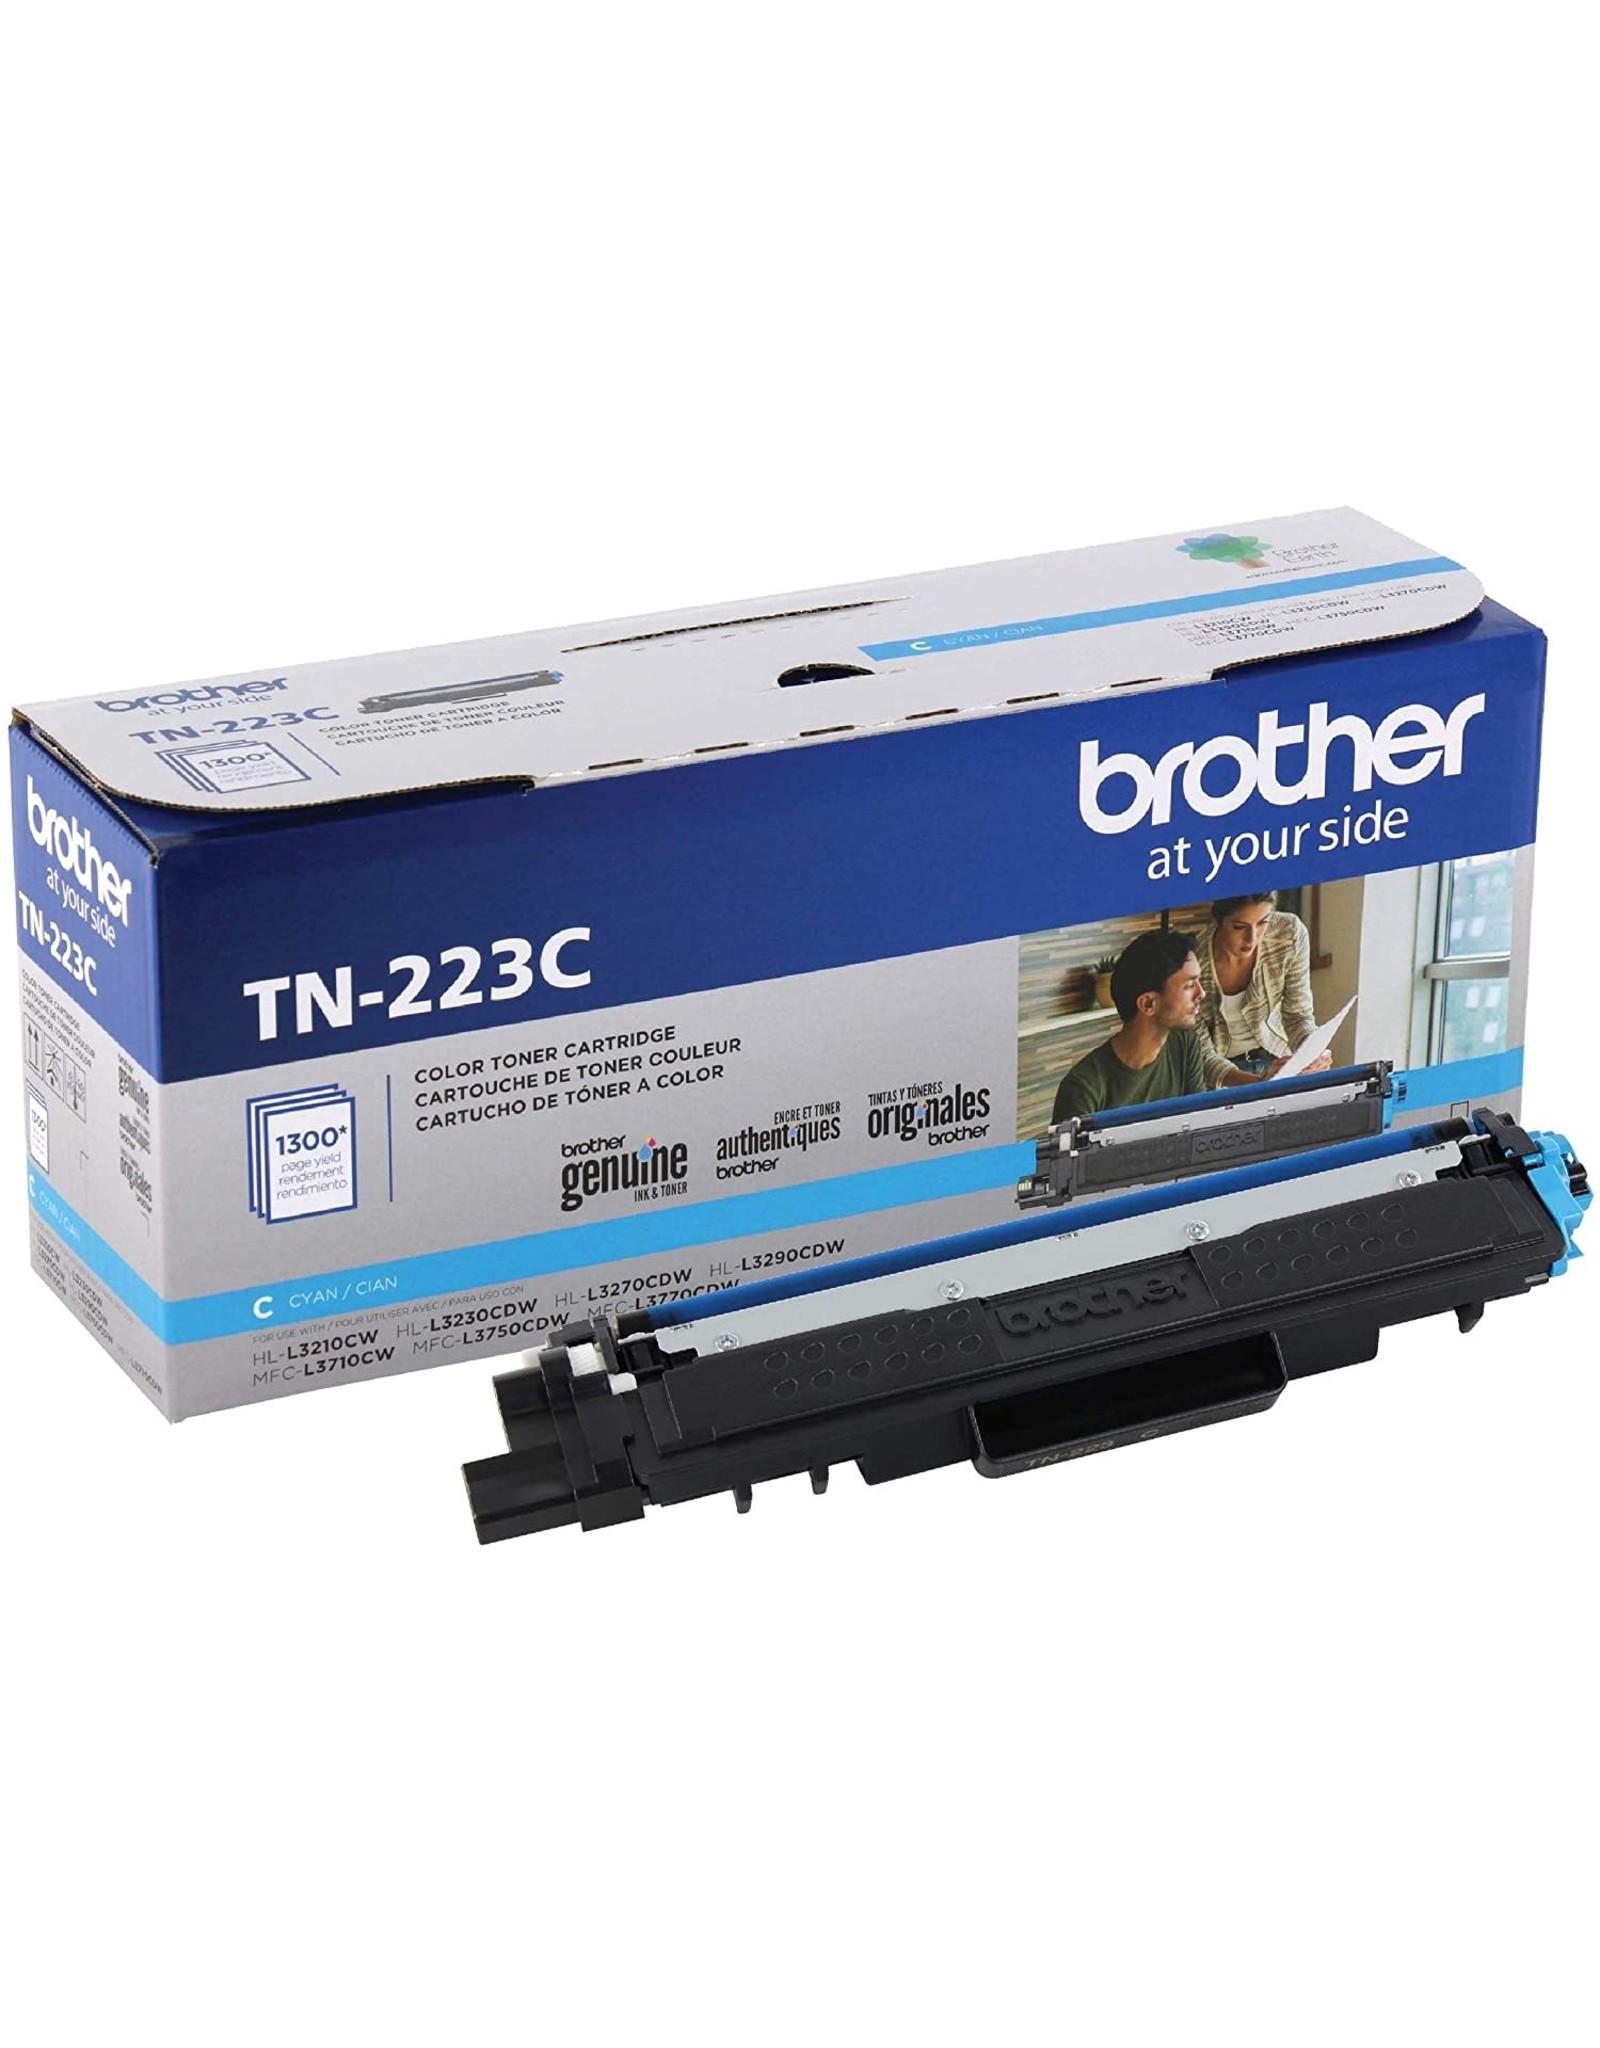 Brother Brother Toner Cartridge TN223C Cyan